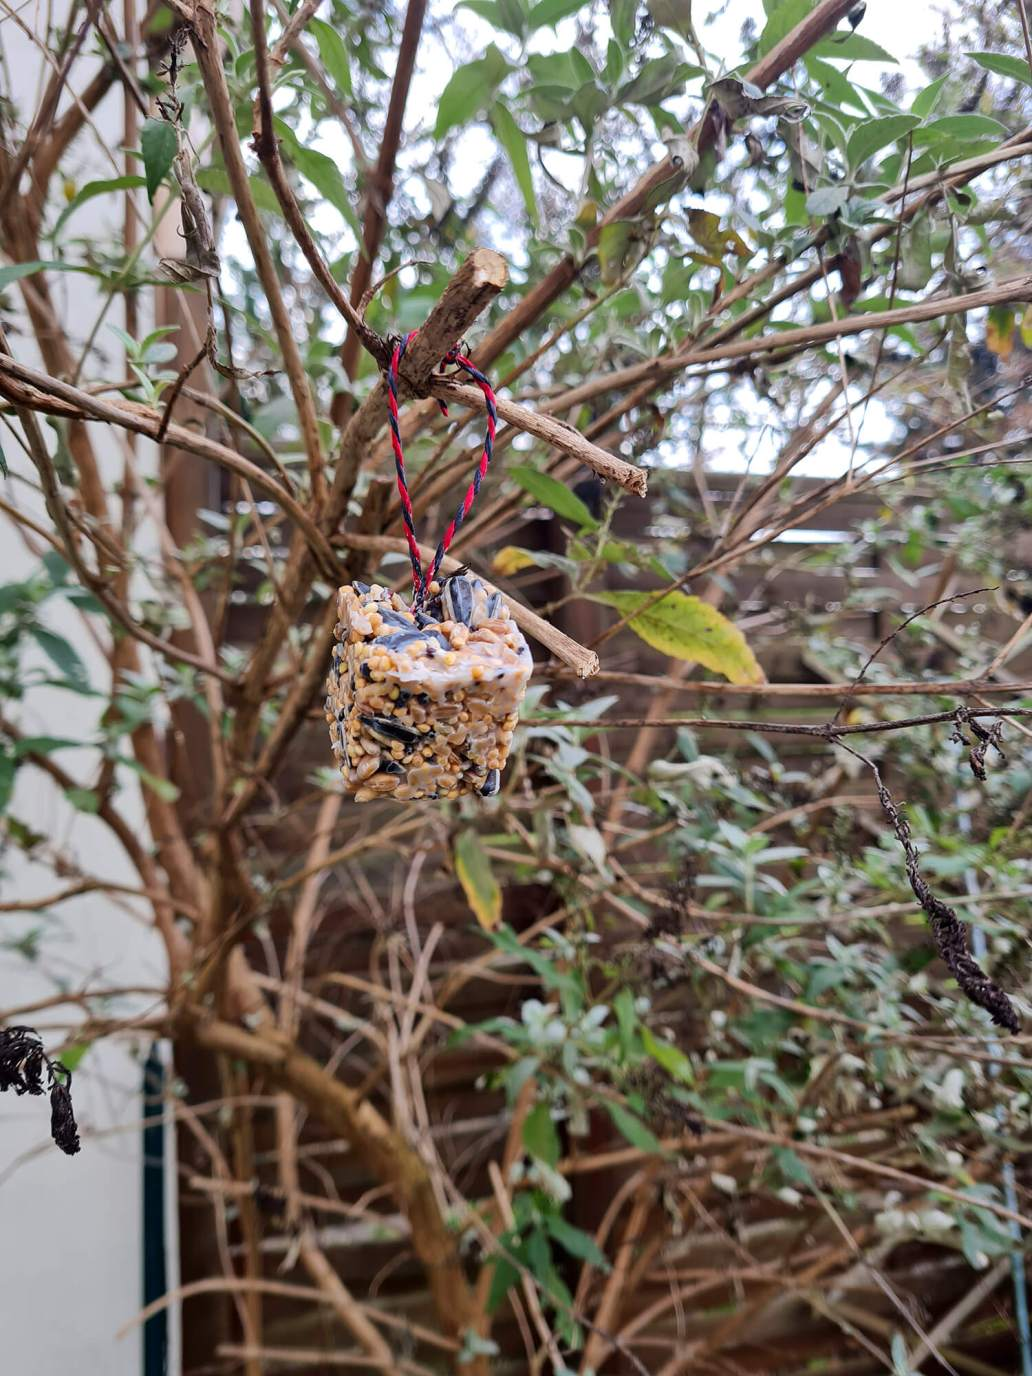 20210108 133545 - 3 DIY pour nourrir les oiseaux dans le jardin